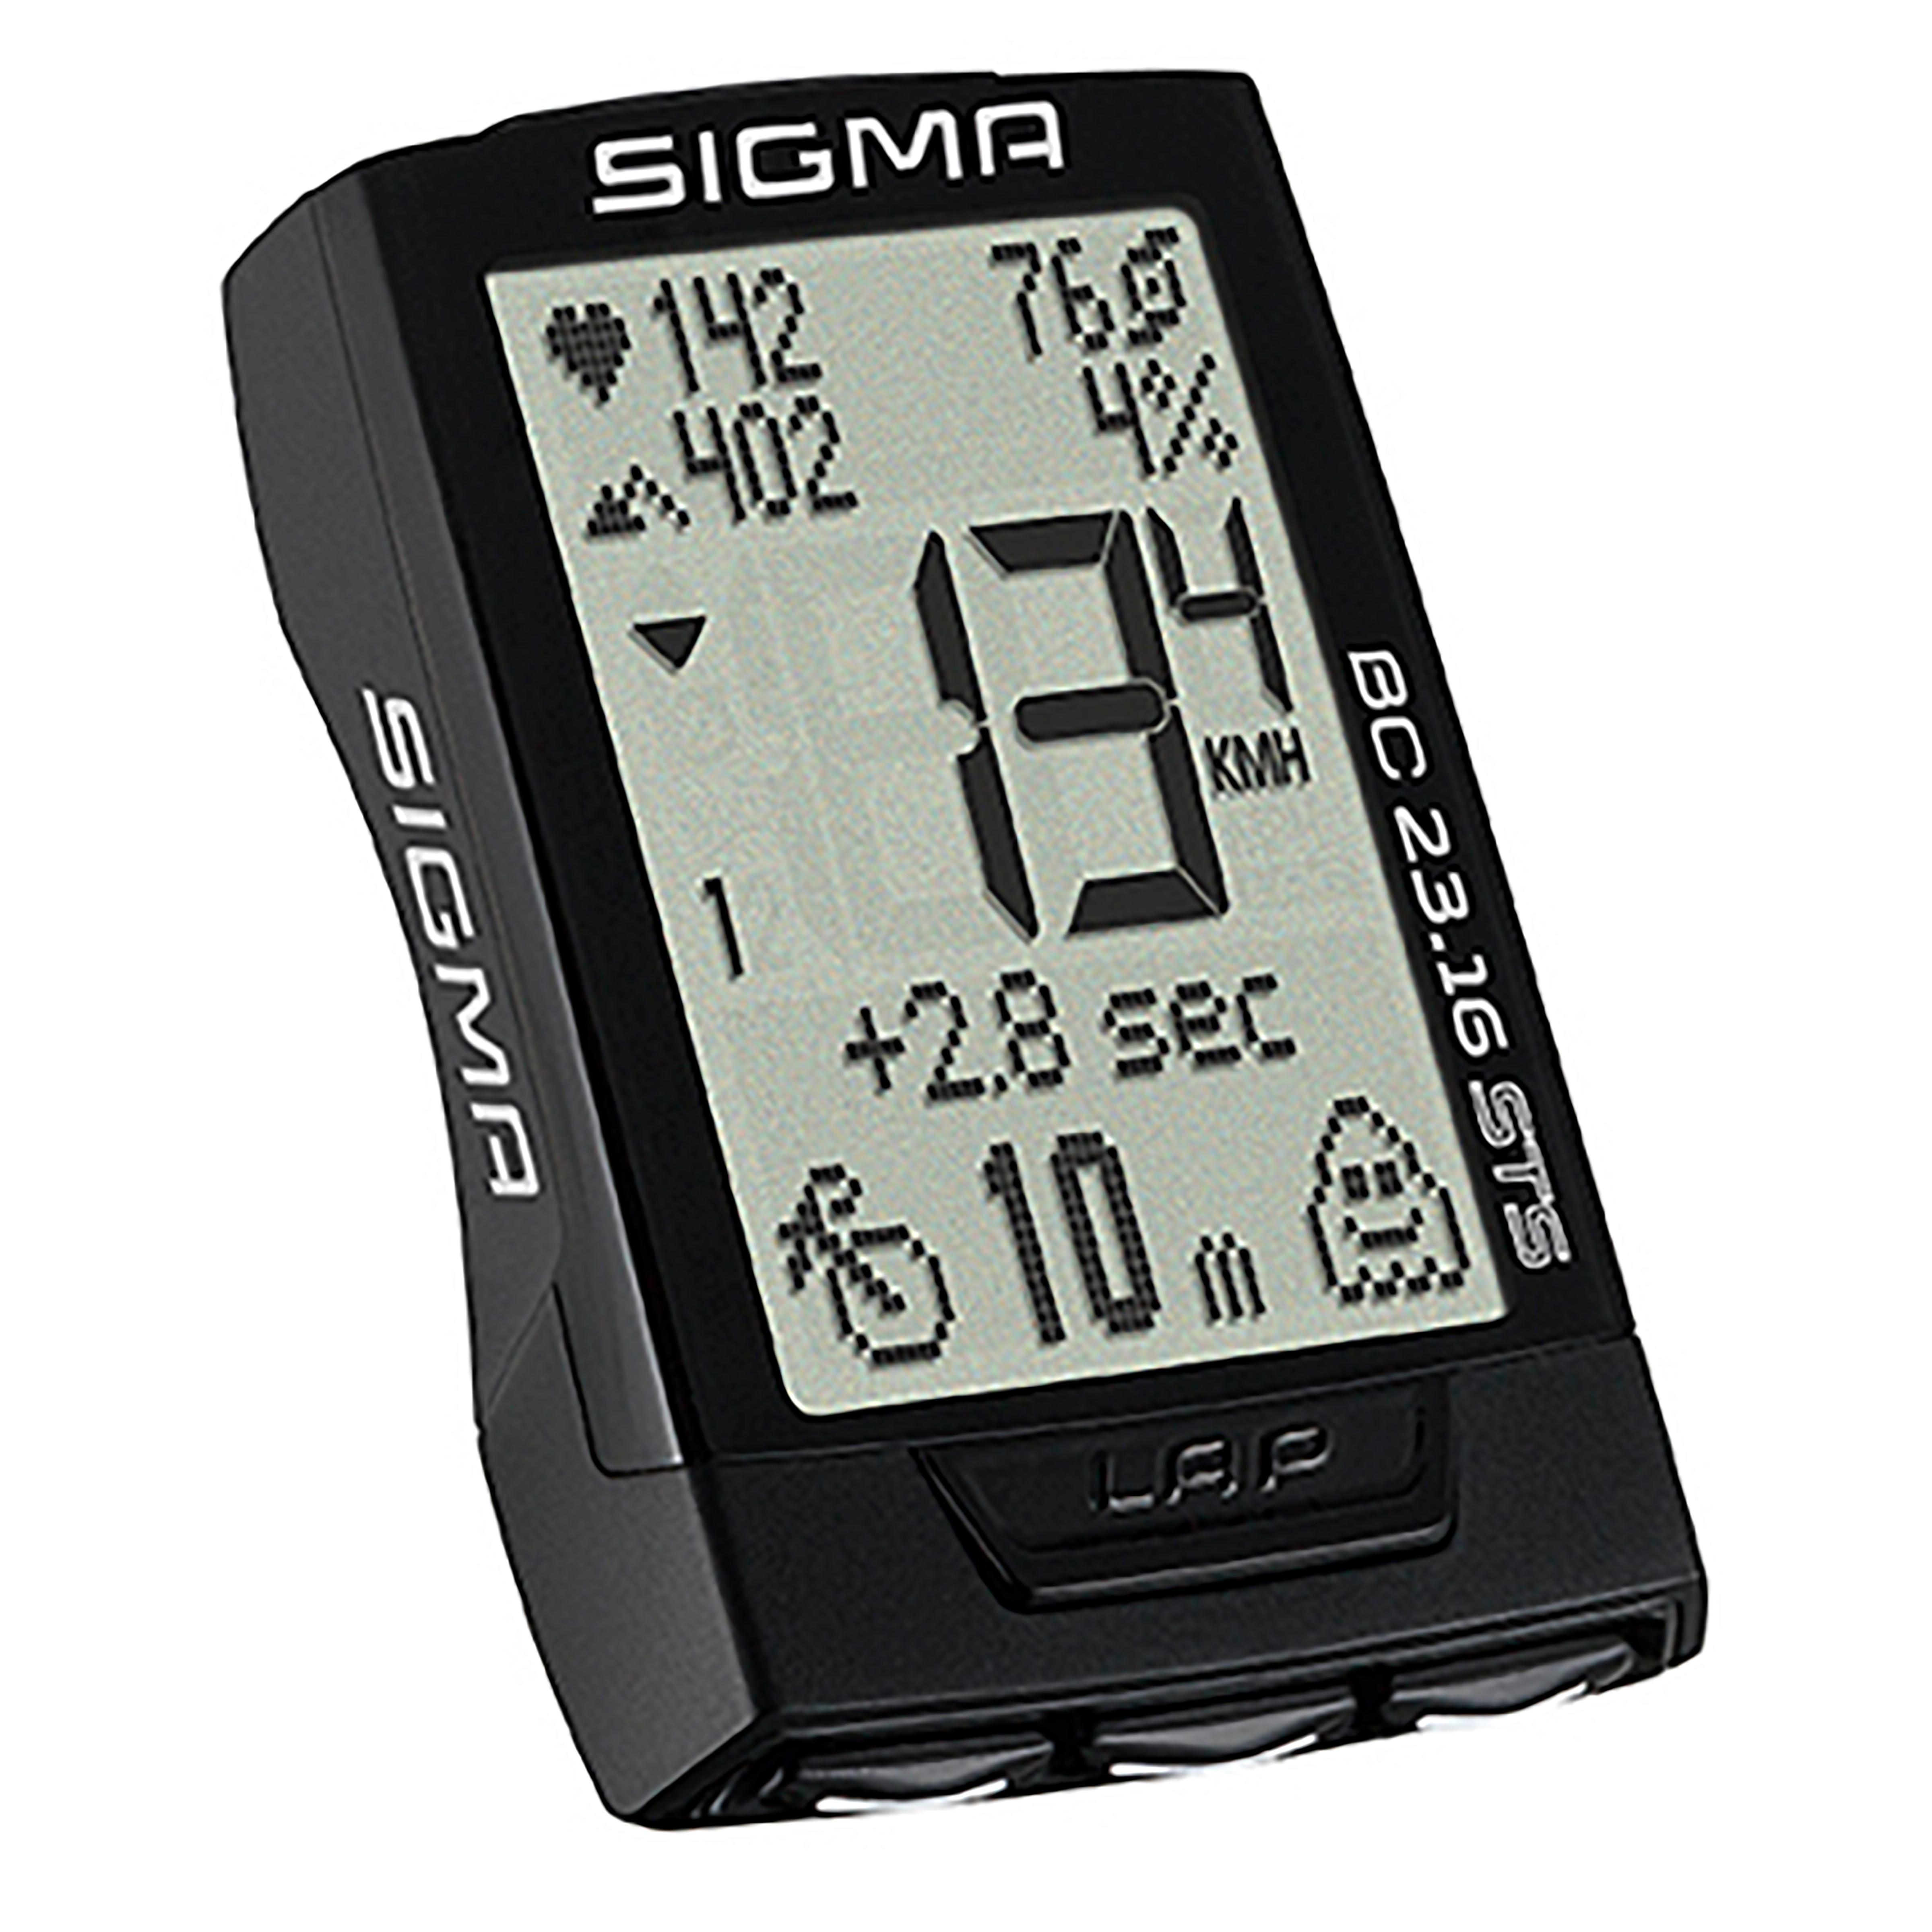 Sigma sport Draadloze fietscomputer BC 23.16 met hartslag, trapfrequentie en hoogtemeting